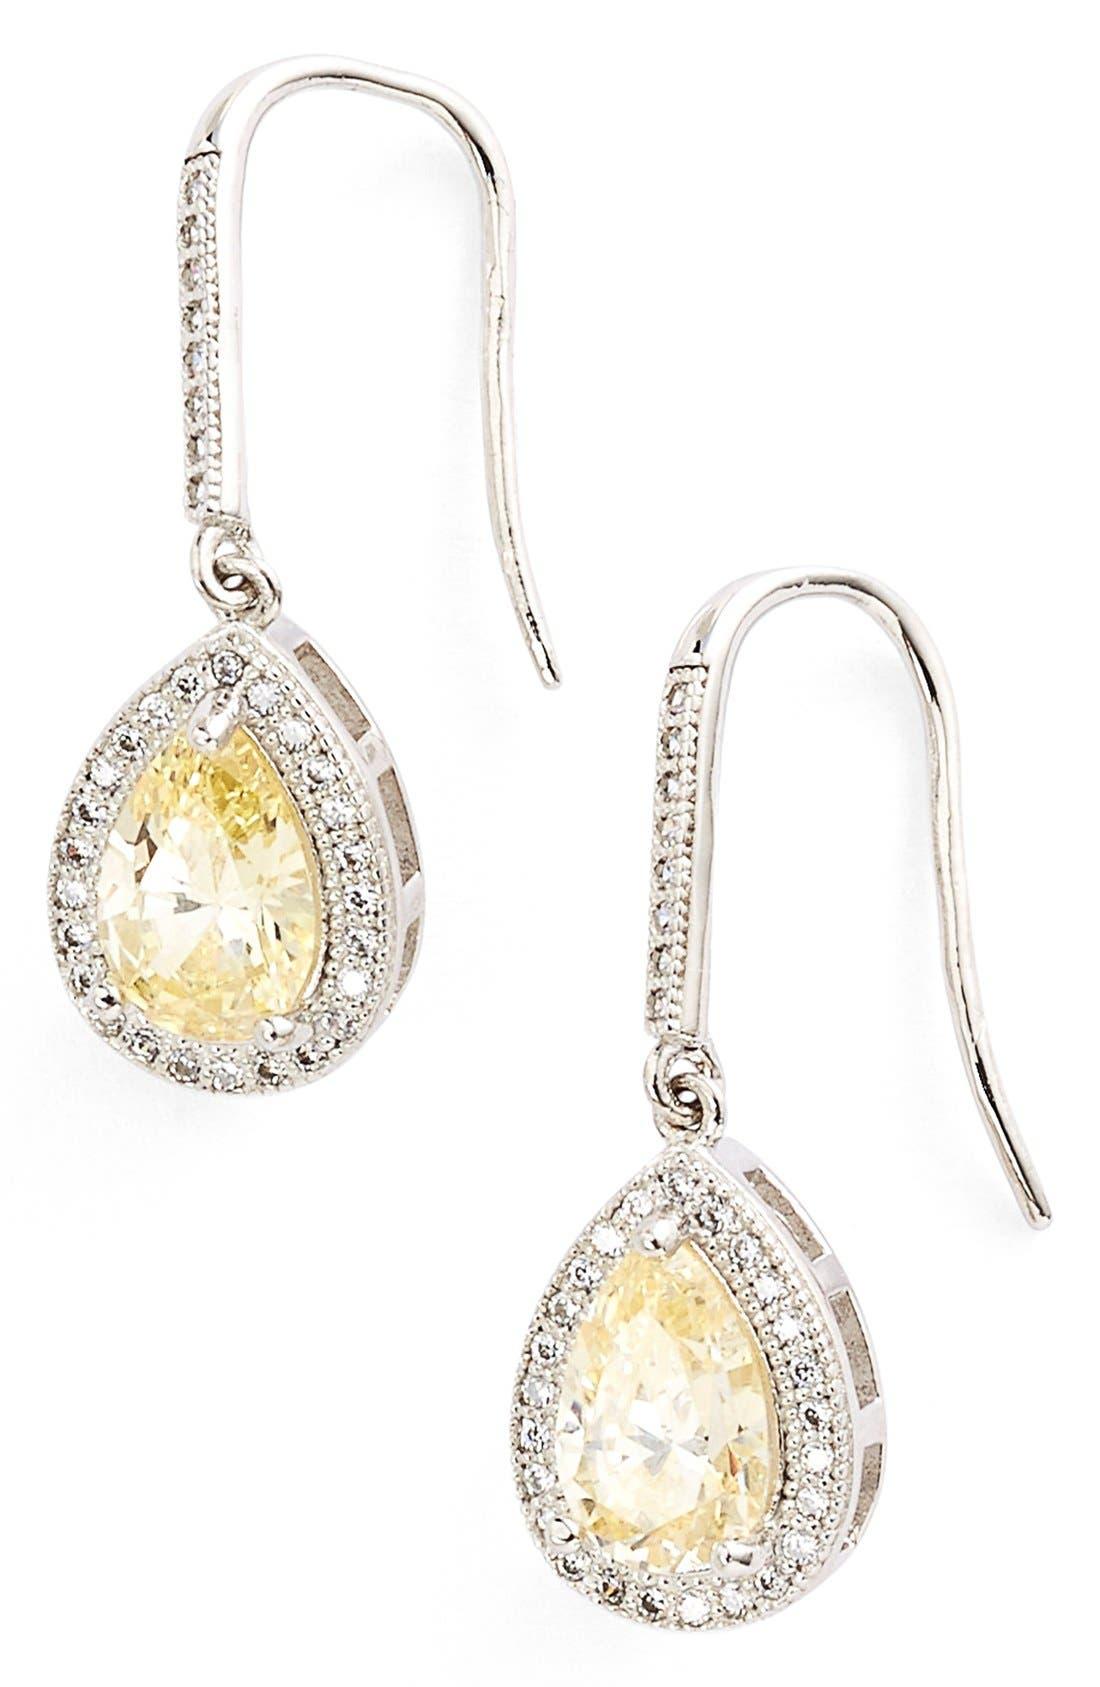 LAFONN Lassaire Canary Drop Earrings